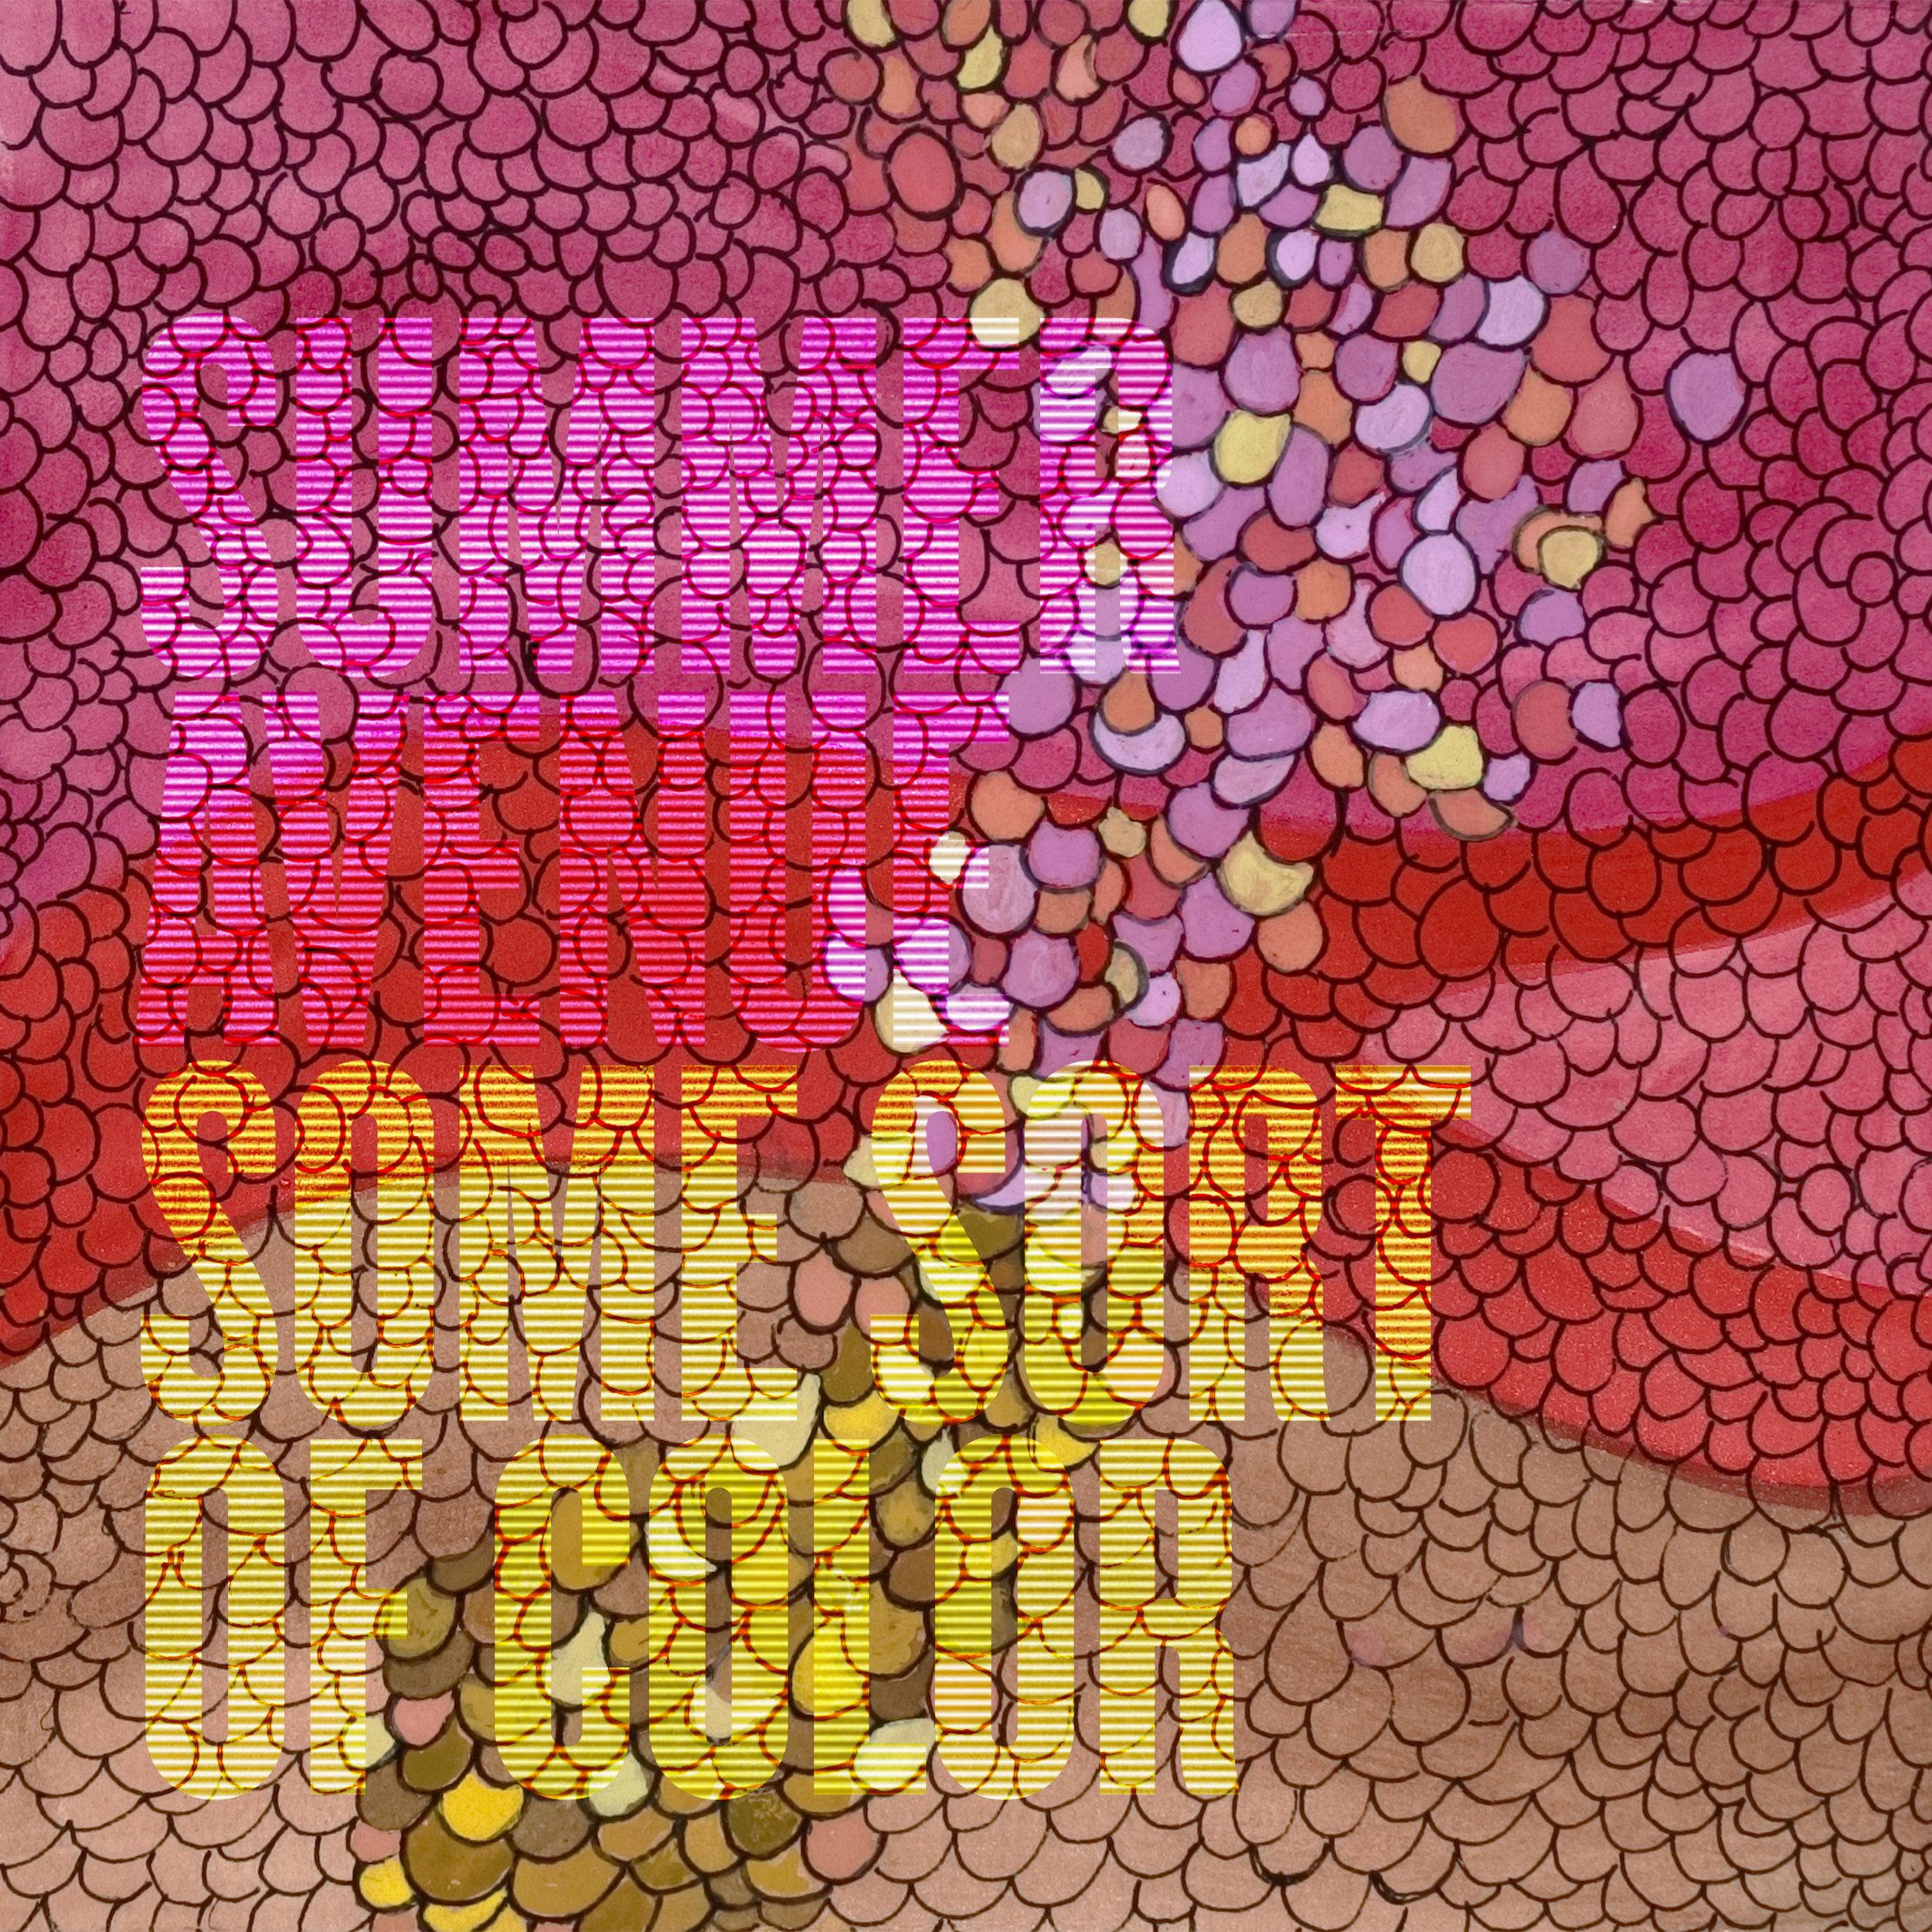 summer-ave-some-sort-cover-3000.jpg